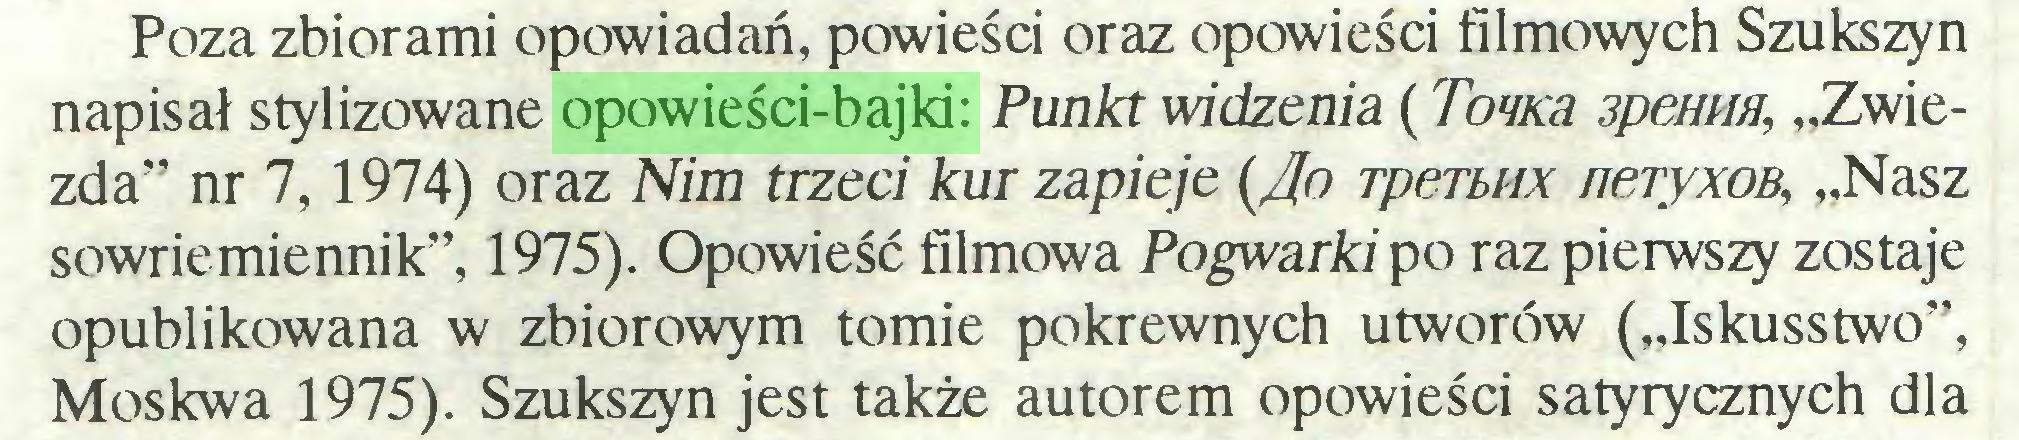 """(...) Poza zbiorami opowiadań, powieści oraz opowieści filmowych Szukszyn napisał stylizowane opowieści-bajki: Punkt widzenia (Towca 3pemiH, """"Zwiezda"""" nr 7,1974) oraz Nim trzeci kur zapieje {/jo rperbHX neryxoB, """"Nasz sowriemiennik"""", 1975). Opowieść filmowa Pogwarki po raz pierwszy zostaje opublikowana w zbiorowym tomie pokrewnych utworów (""""Iskusstwo"""", Moskwa 1975). Szukszyn jest także autorem opowieści satyrycznych dla..."""